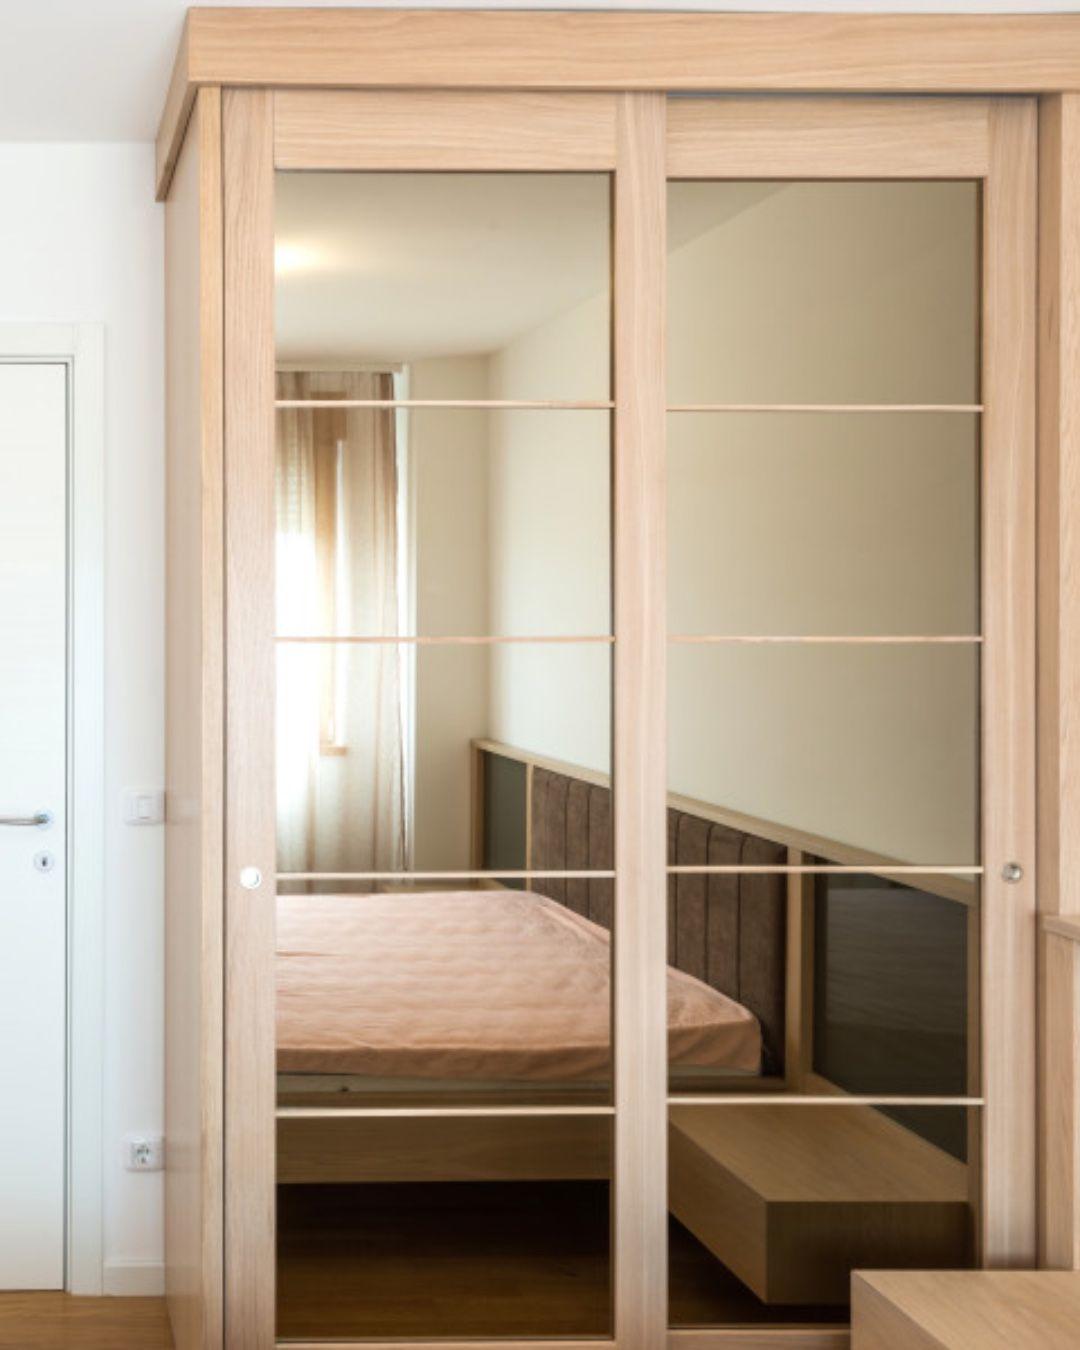 Spiegelfolie Zur Innenmontage In Silber Windowfilms Online In 2020 Spiegel Folie Ideen Fur Kleine Schlafzimmer Style At Home